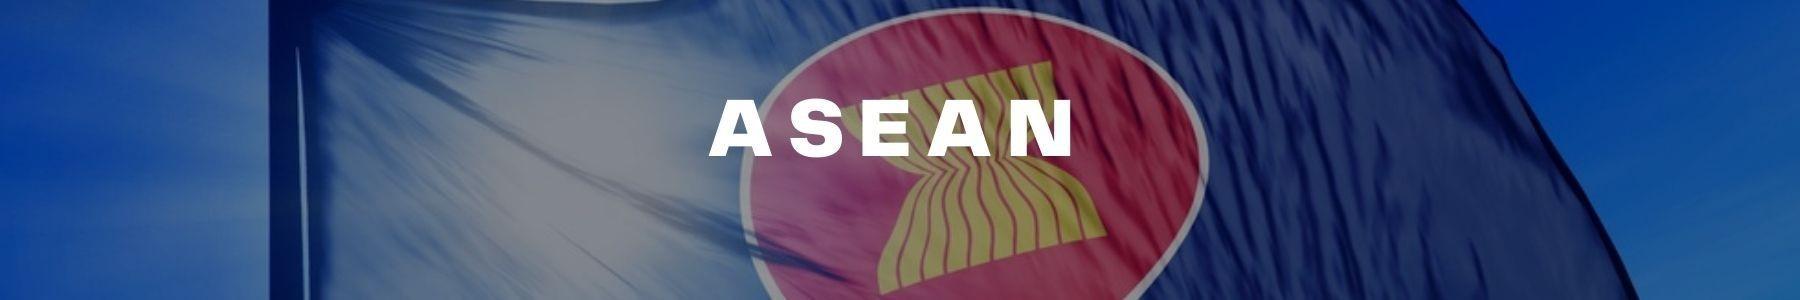 ASEAN July 2021 TM